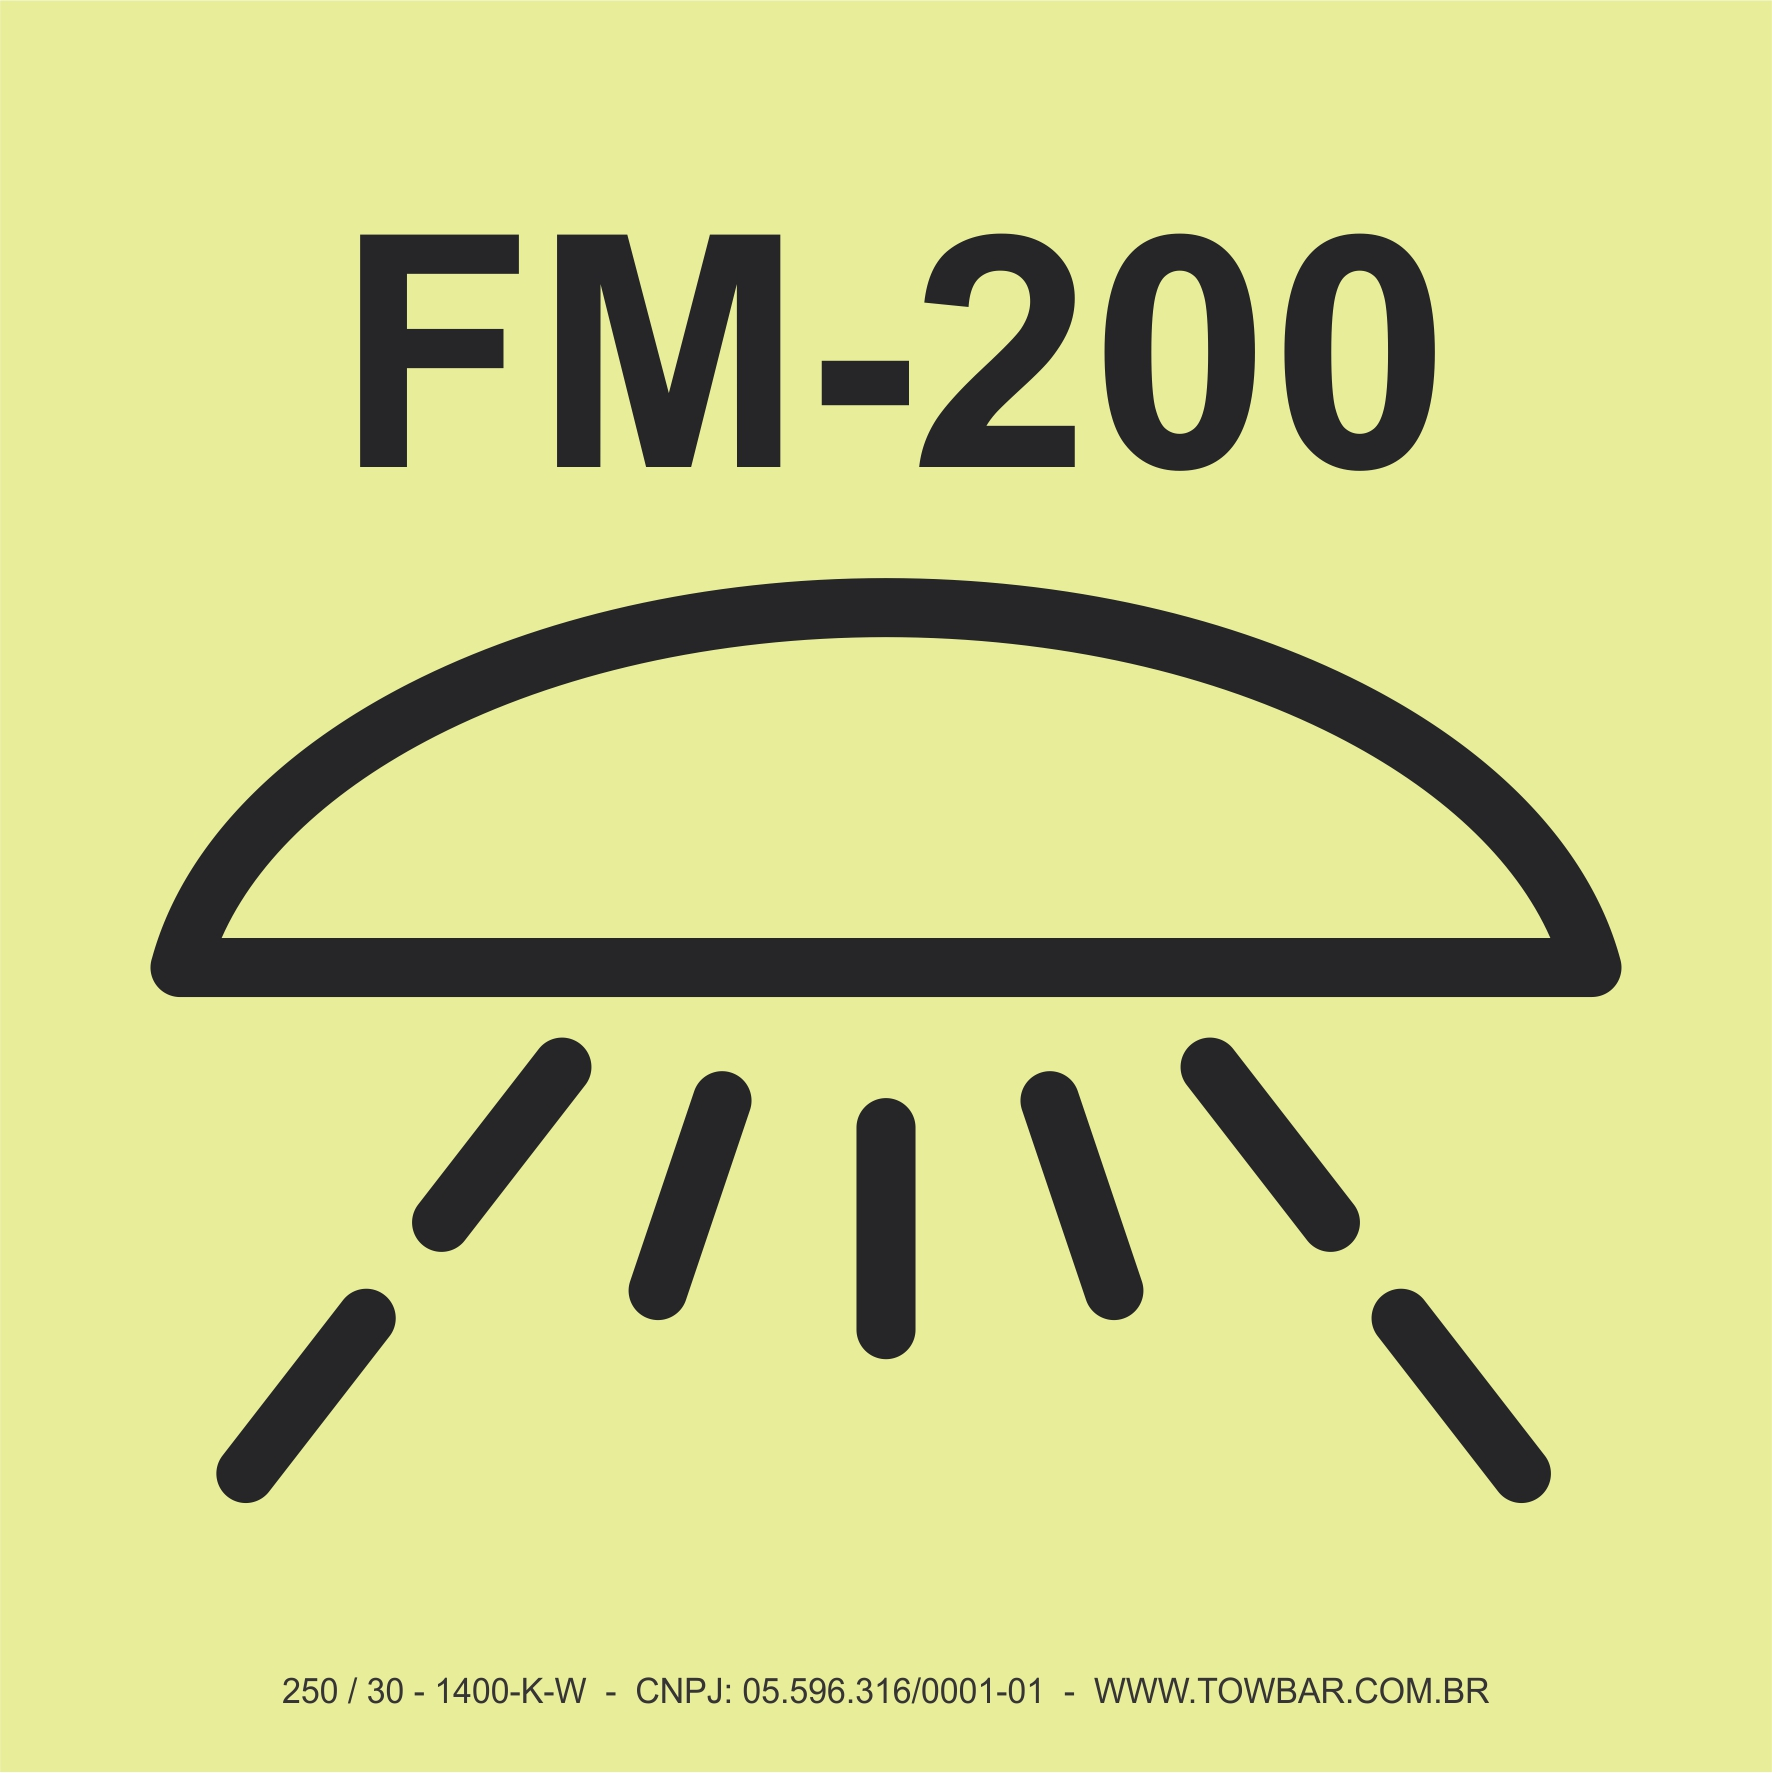 Difusor do Sistema FM 200  - Towbar Sinalização de Segurança